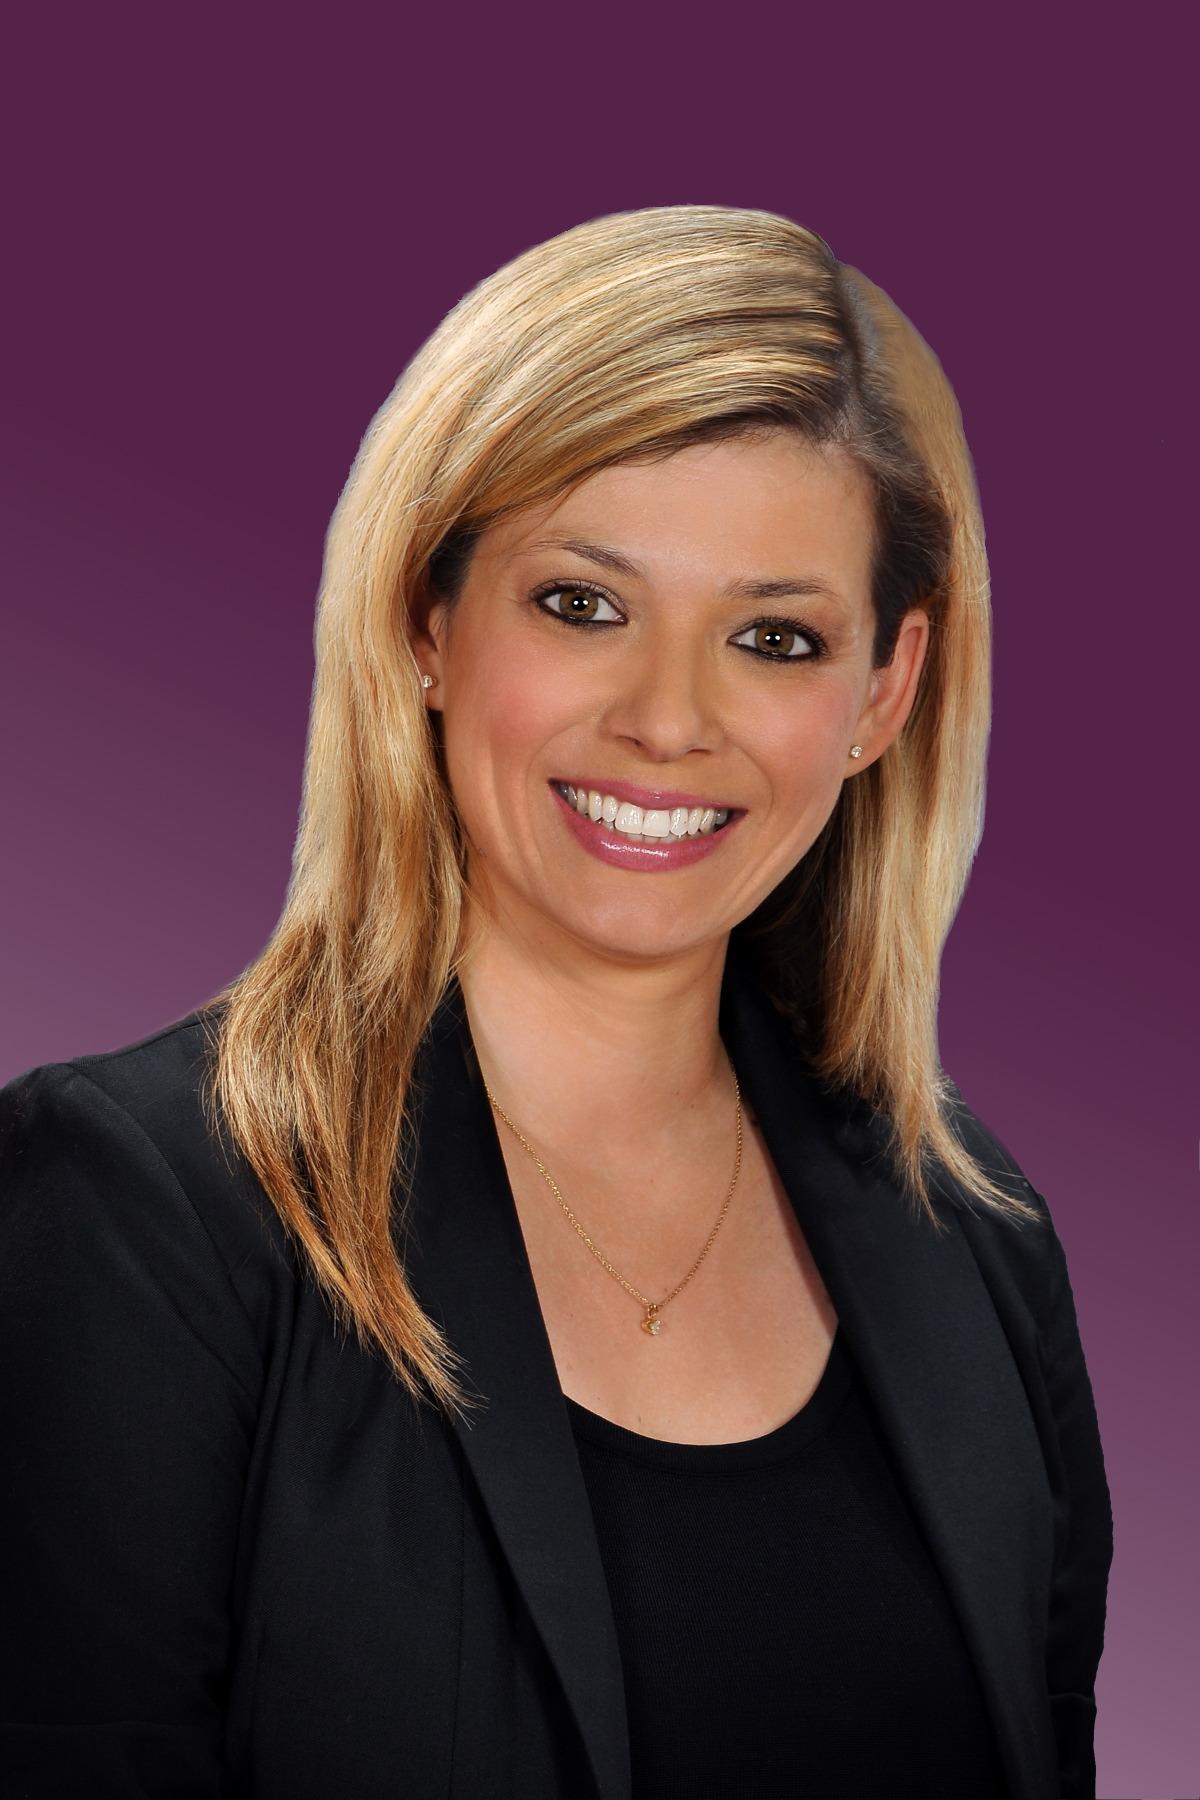 Kristina Takken